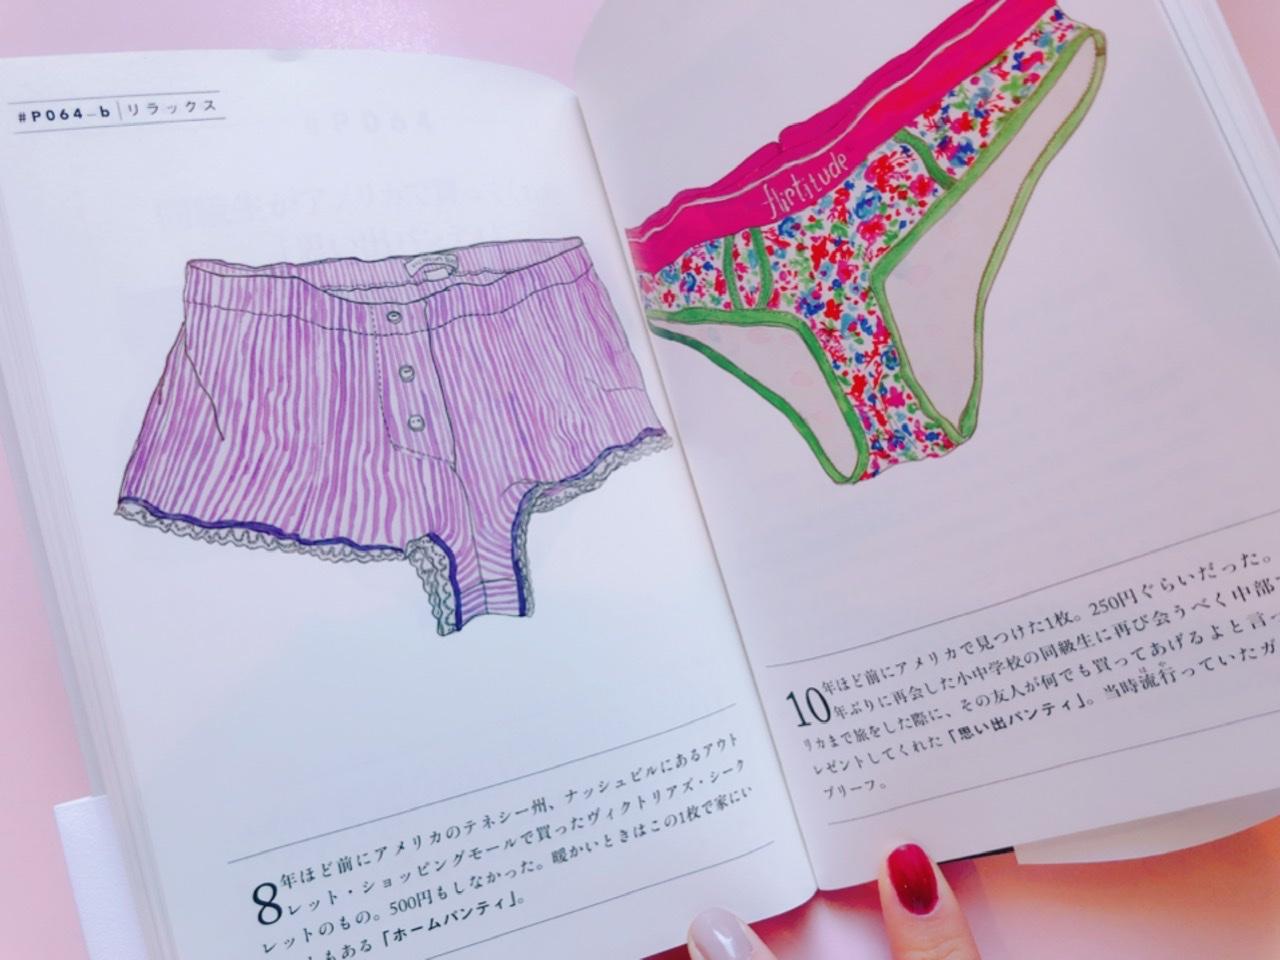 99のパンティをプロファイルした『パンティオロジー/秋山あい』おもかわいい♡ウフフな書籍